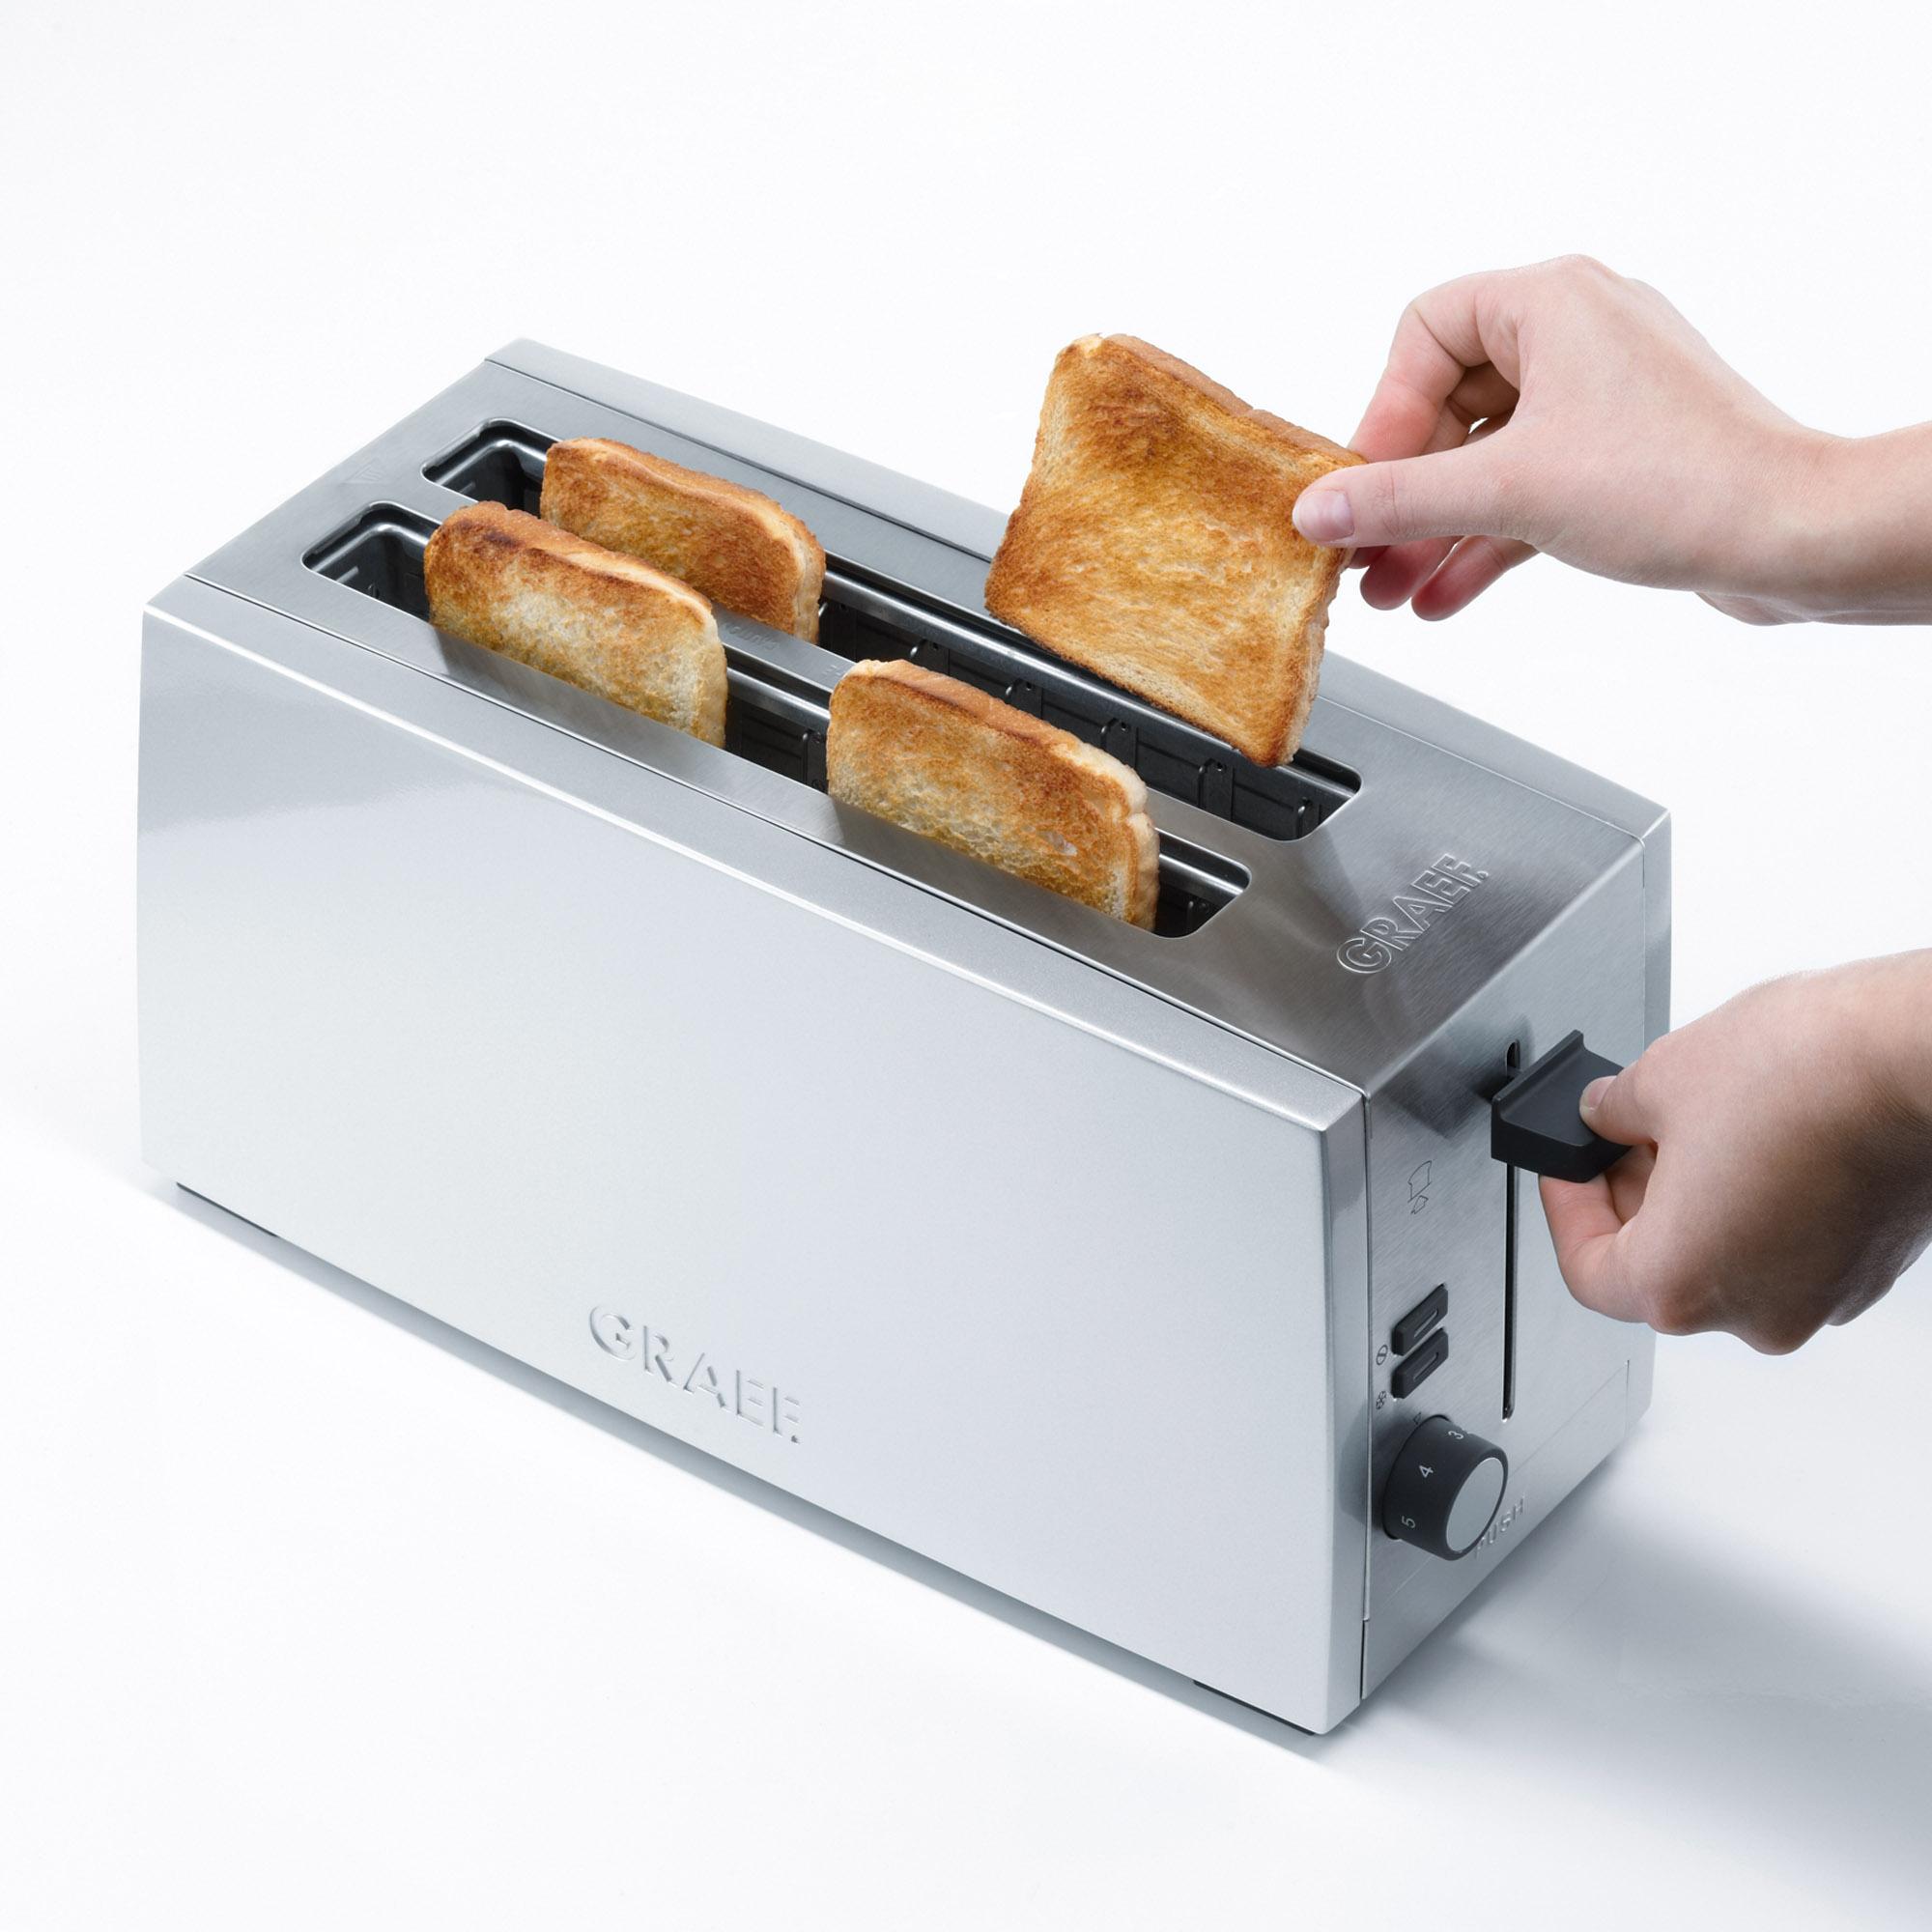 Graef TO100 kenyérpirító emelőkar